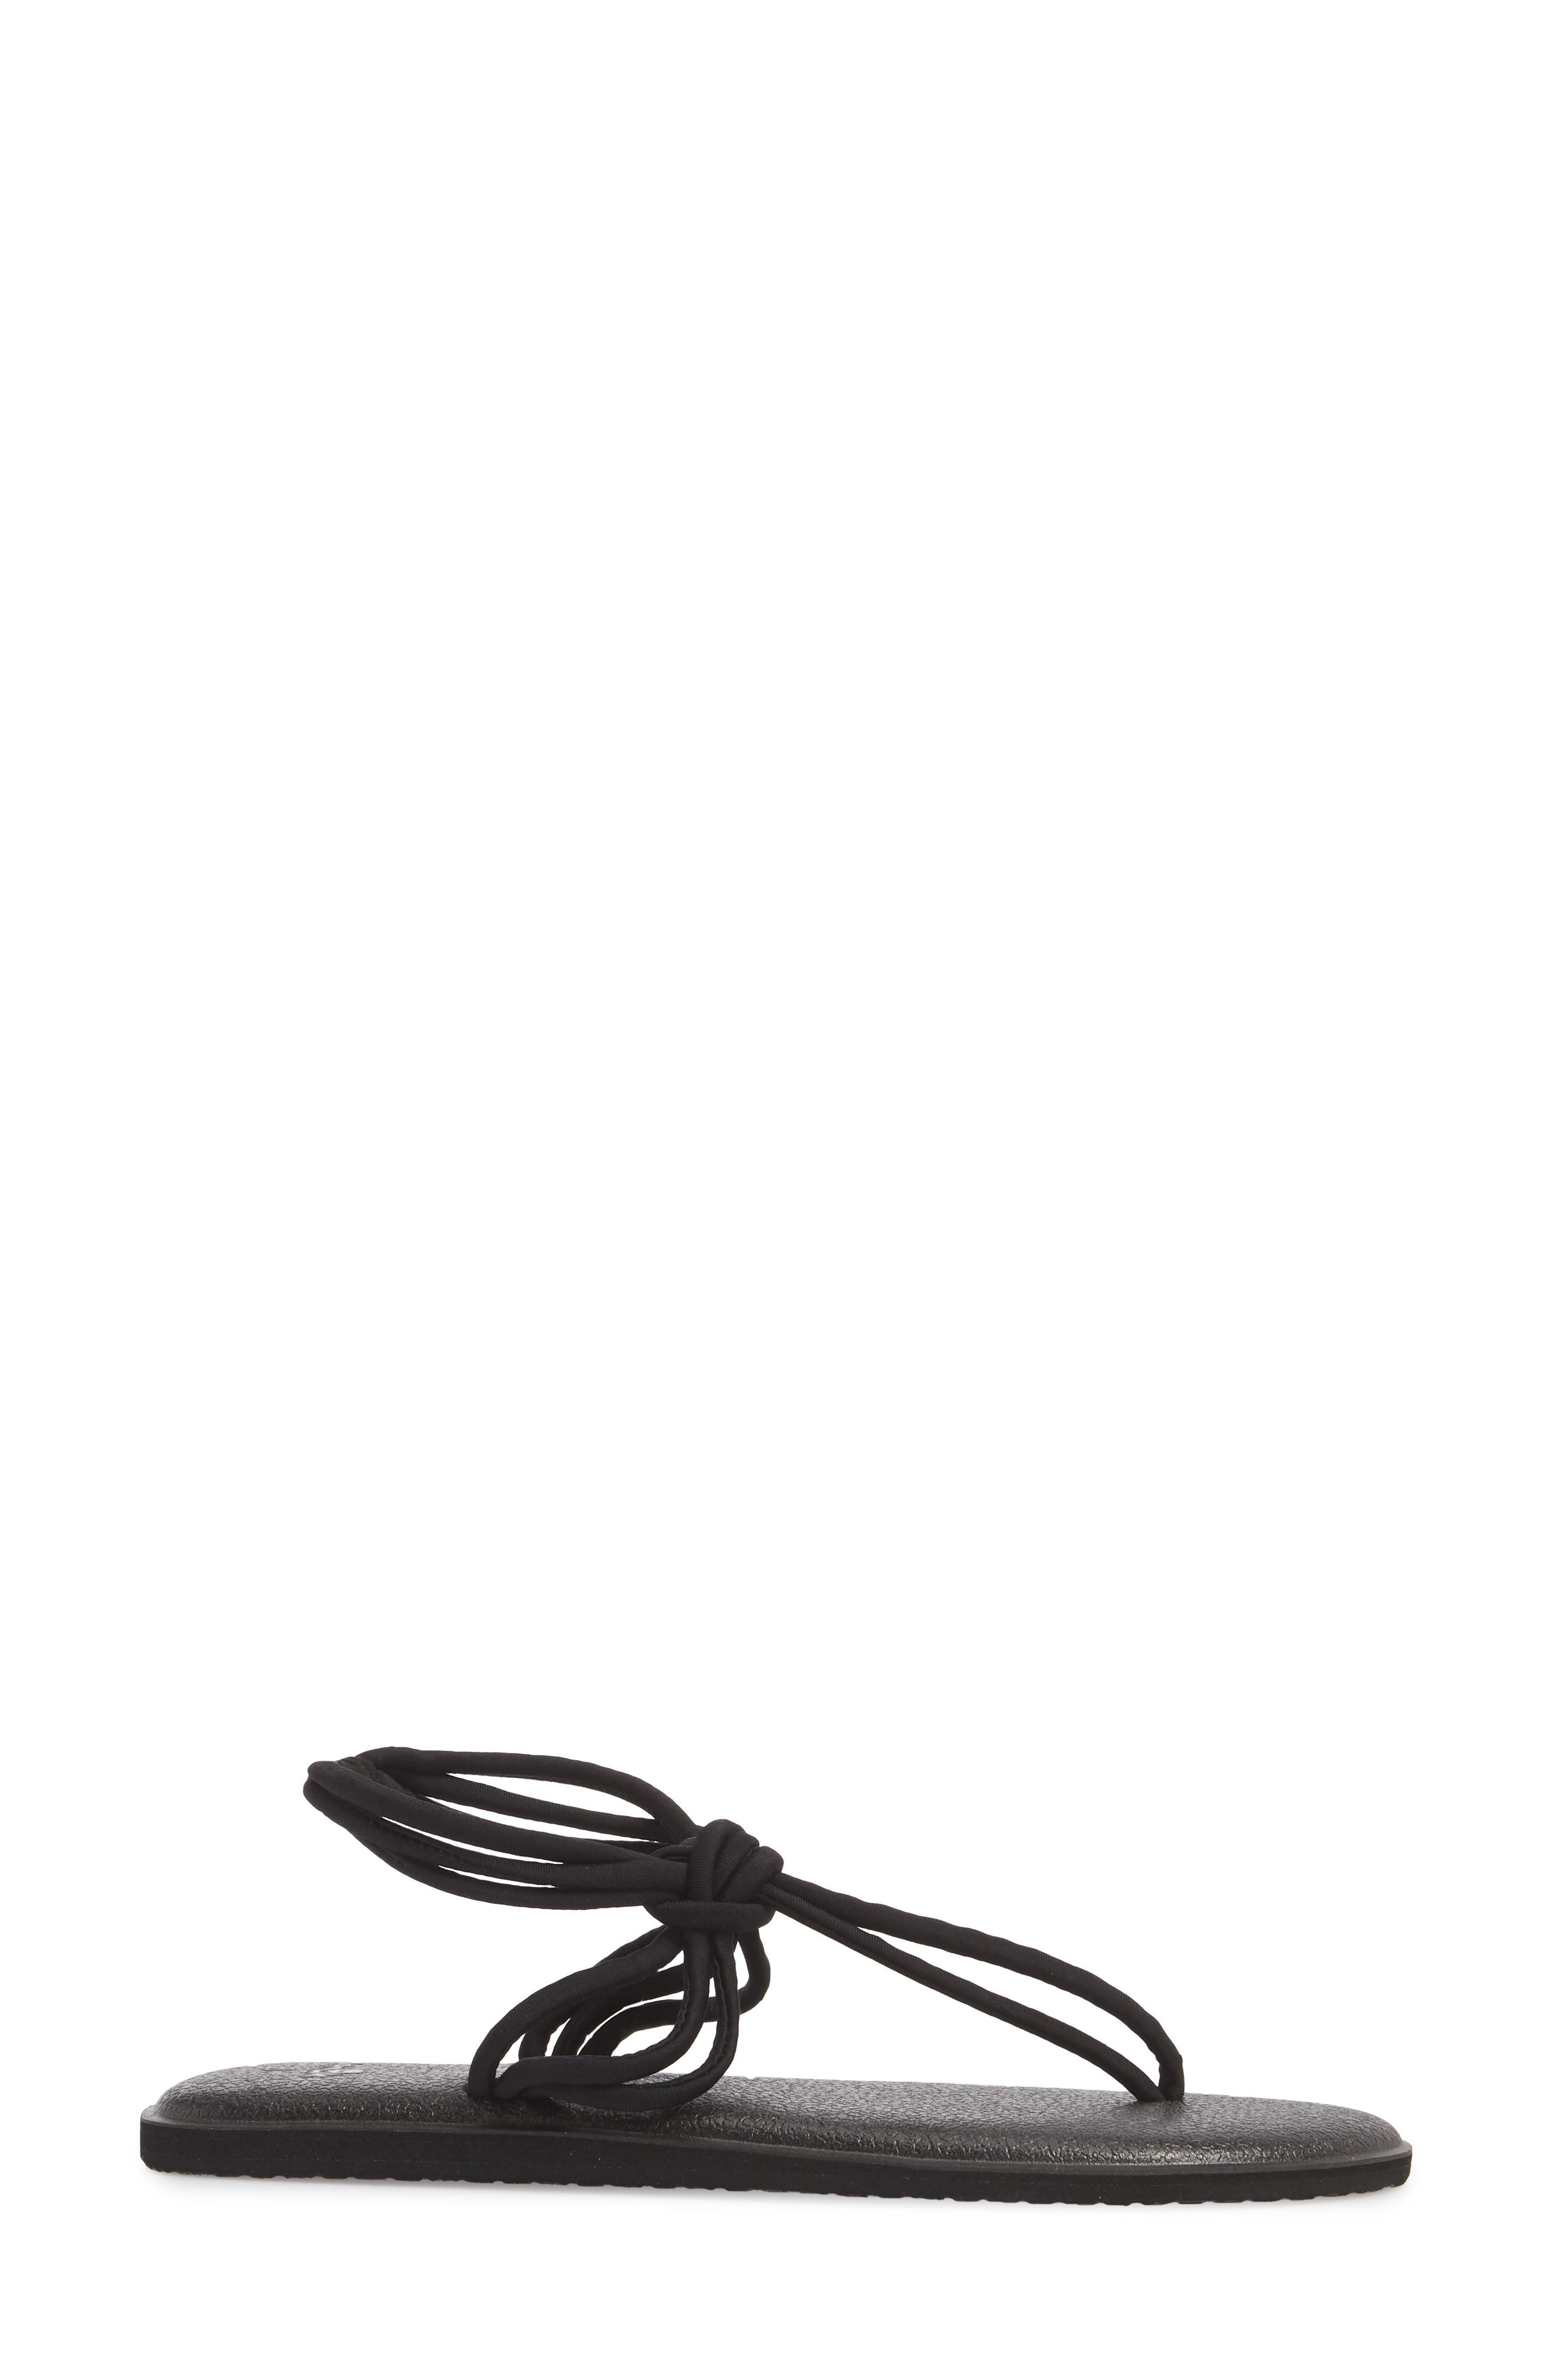 Yoga Sunshine Knotted Thong Sandal,                             Alternate thumbnail 3, color,                             BLACK